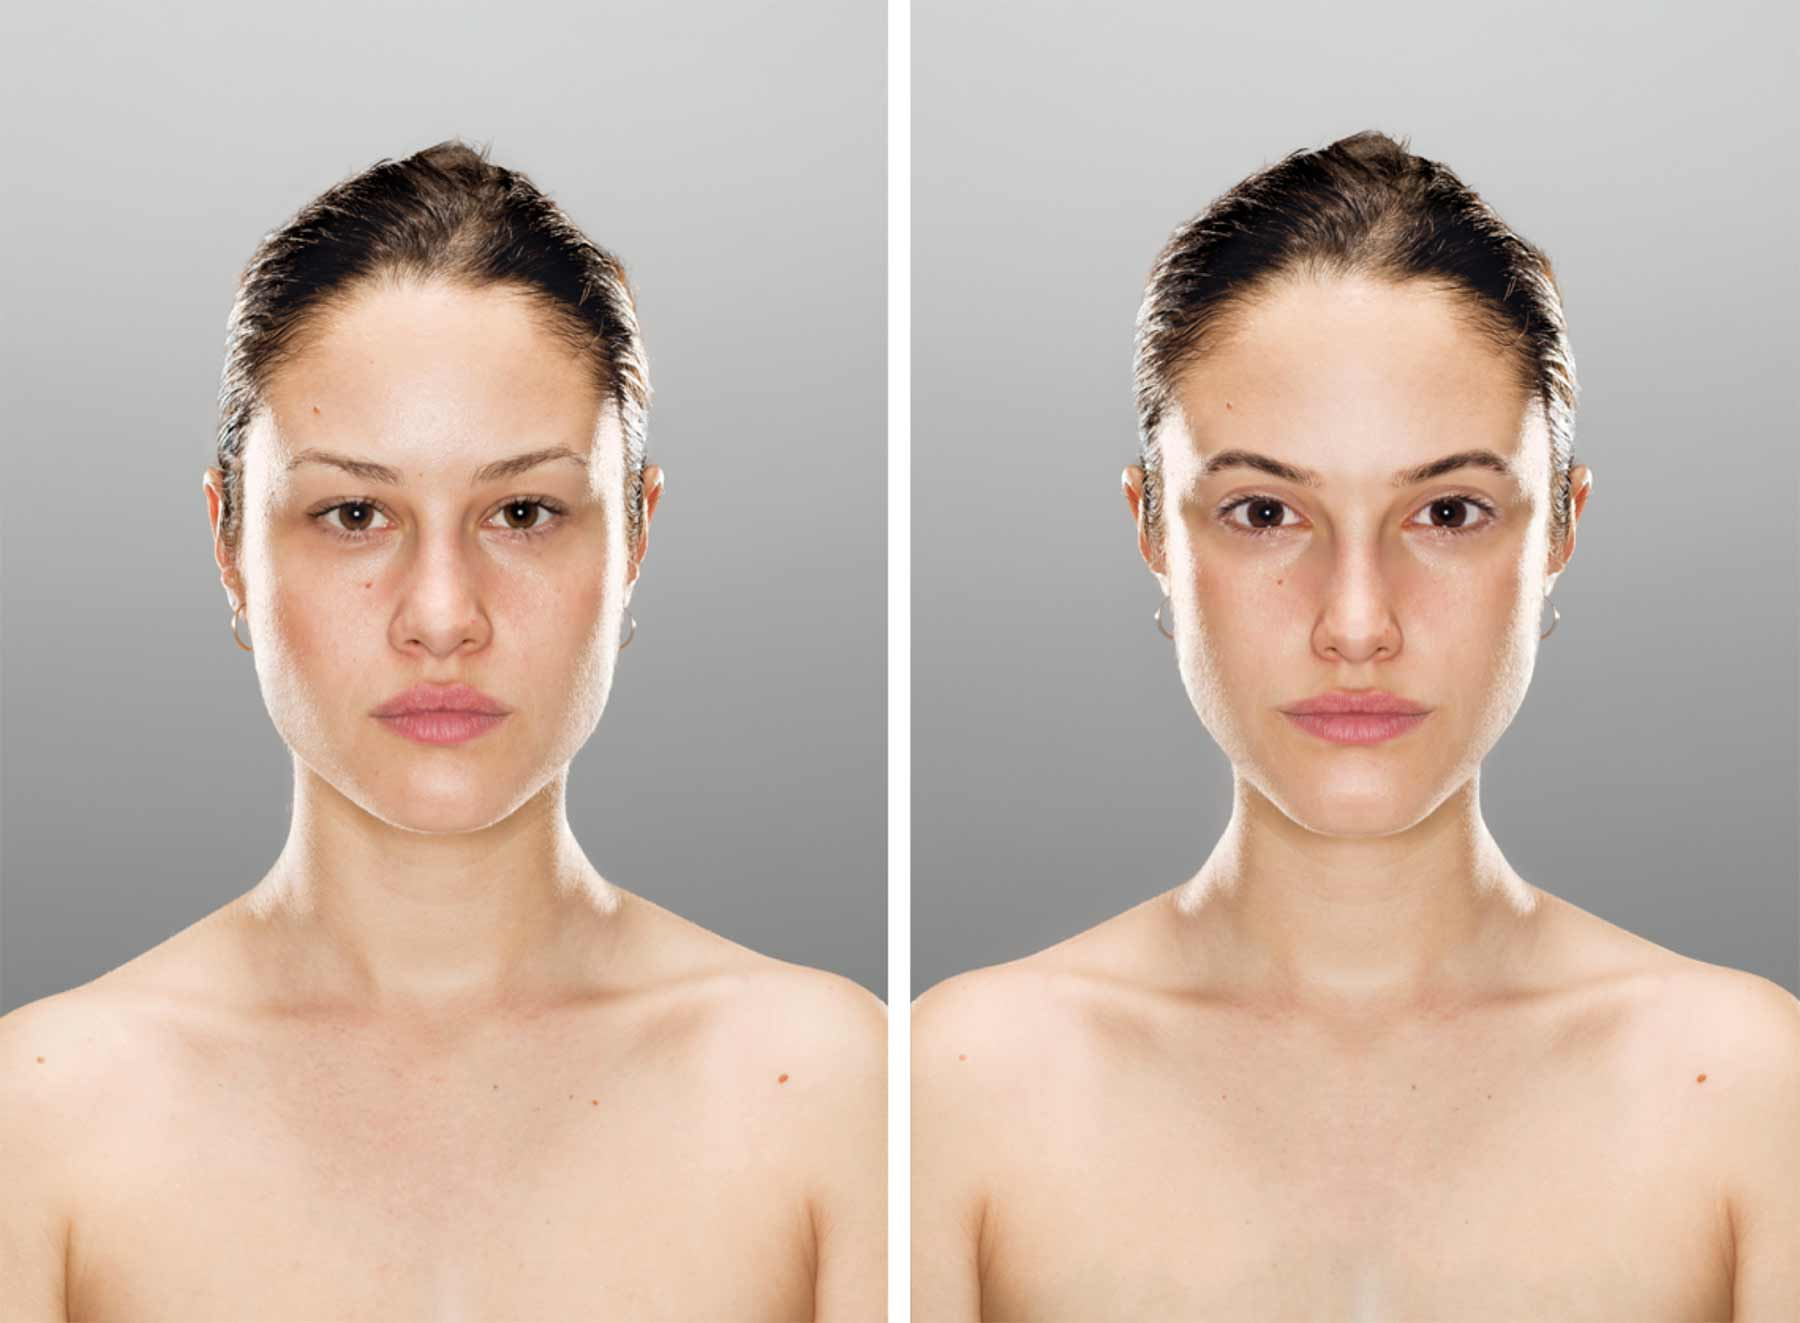 Echtes vs. selbst präferiertes Aussehen